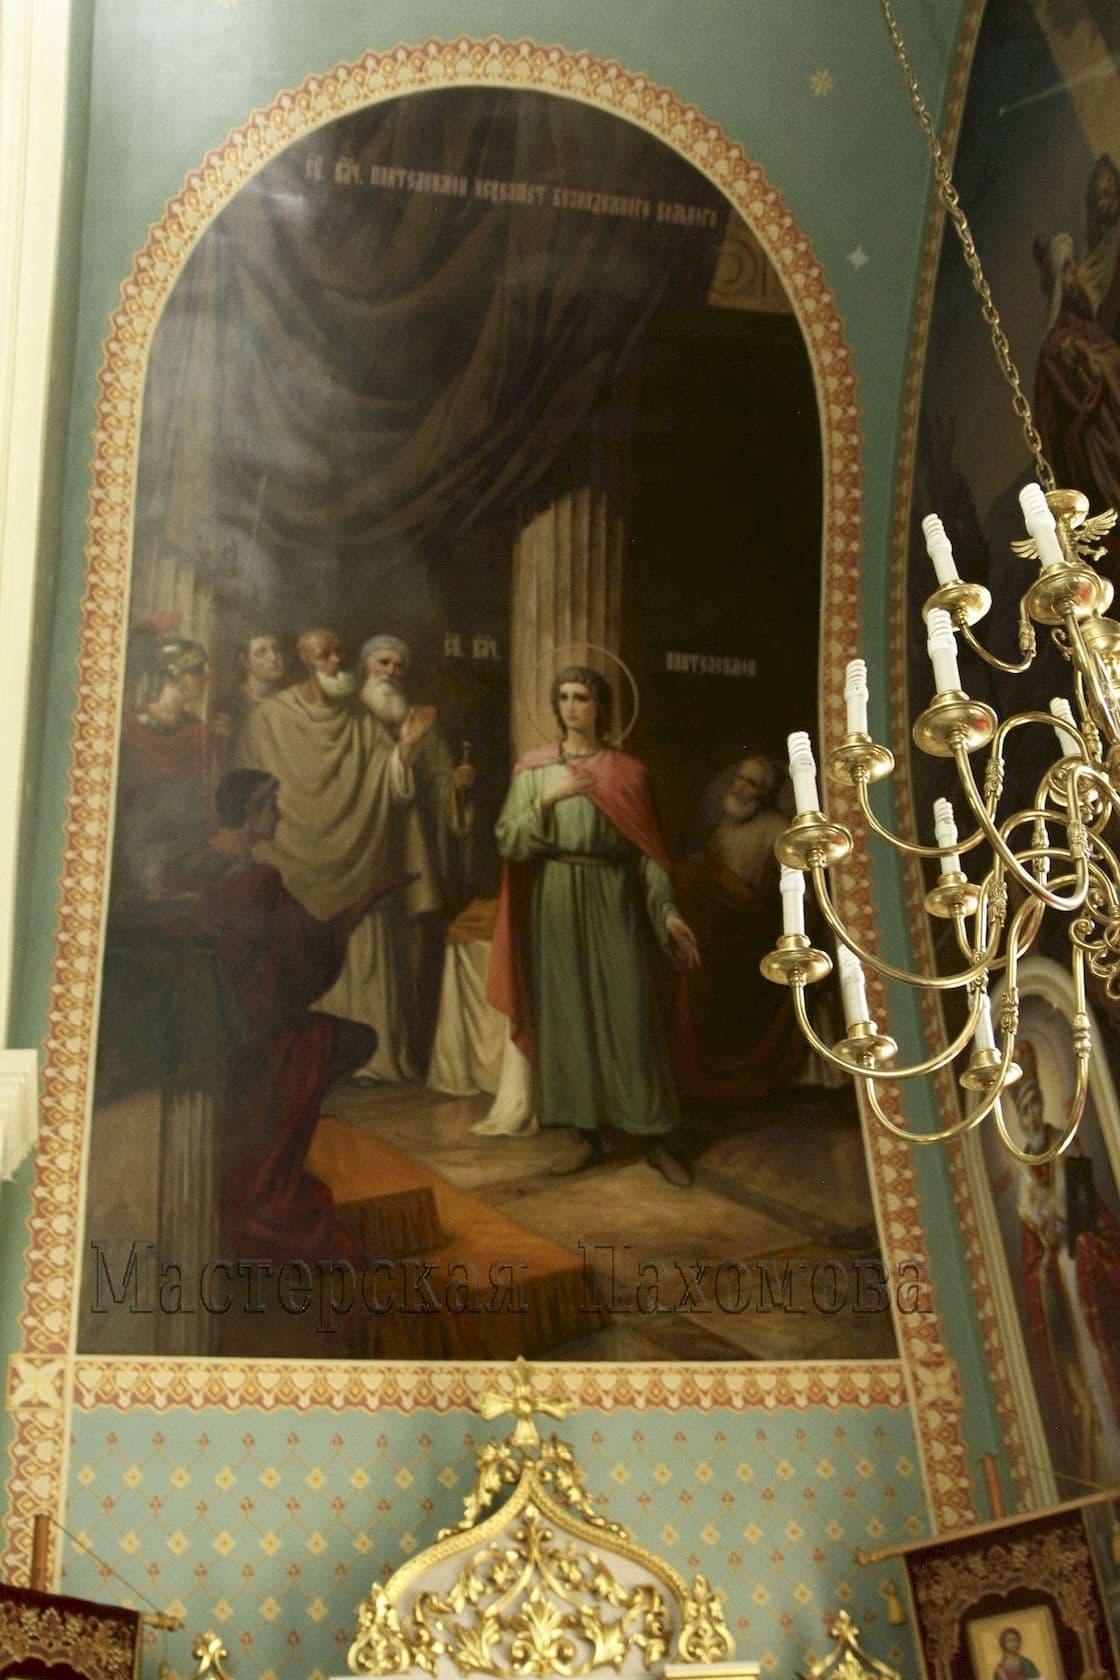 Иконописная мастерская Пахомова в 2017 г. приступила к росписи стен Храма Пантелеймона Целителя